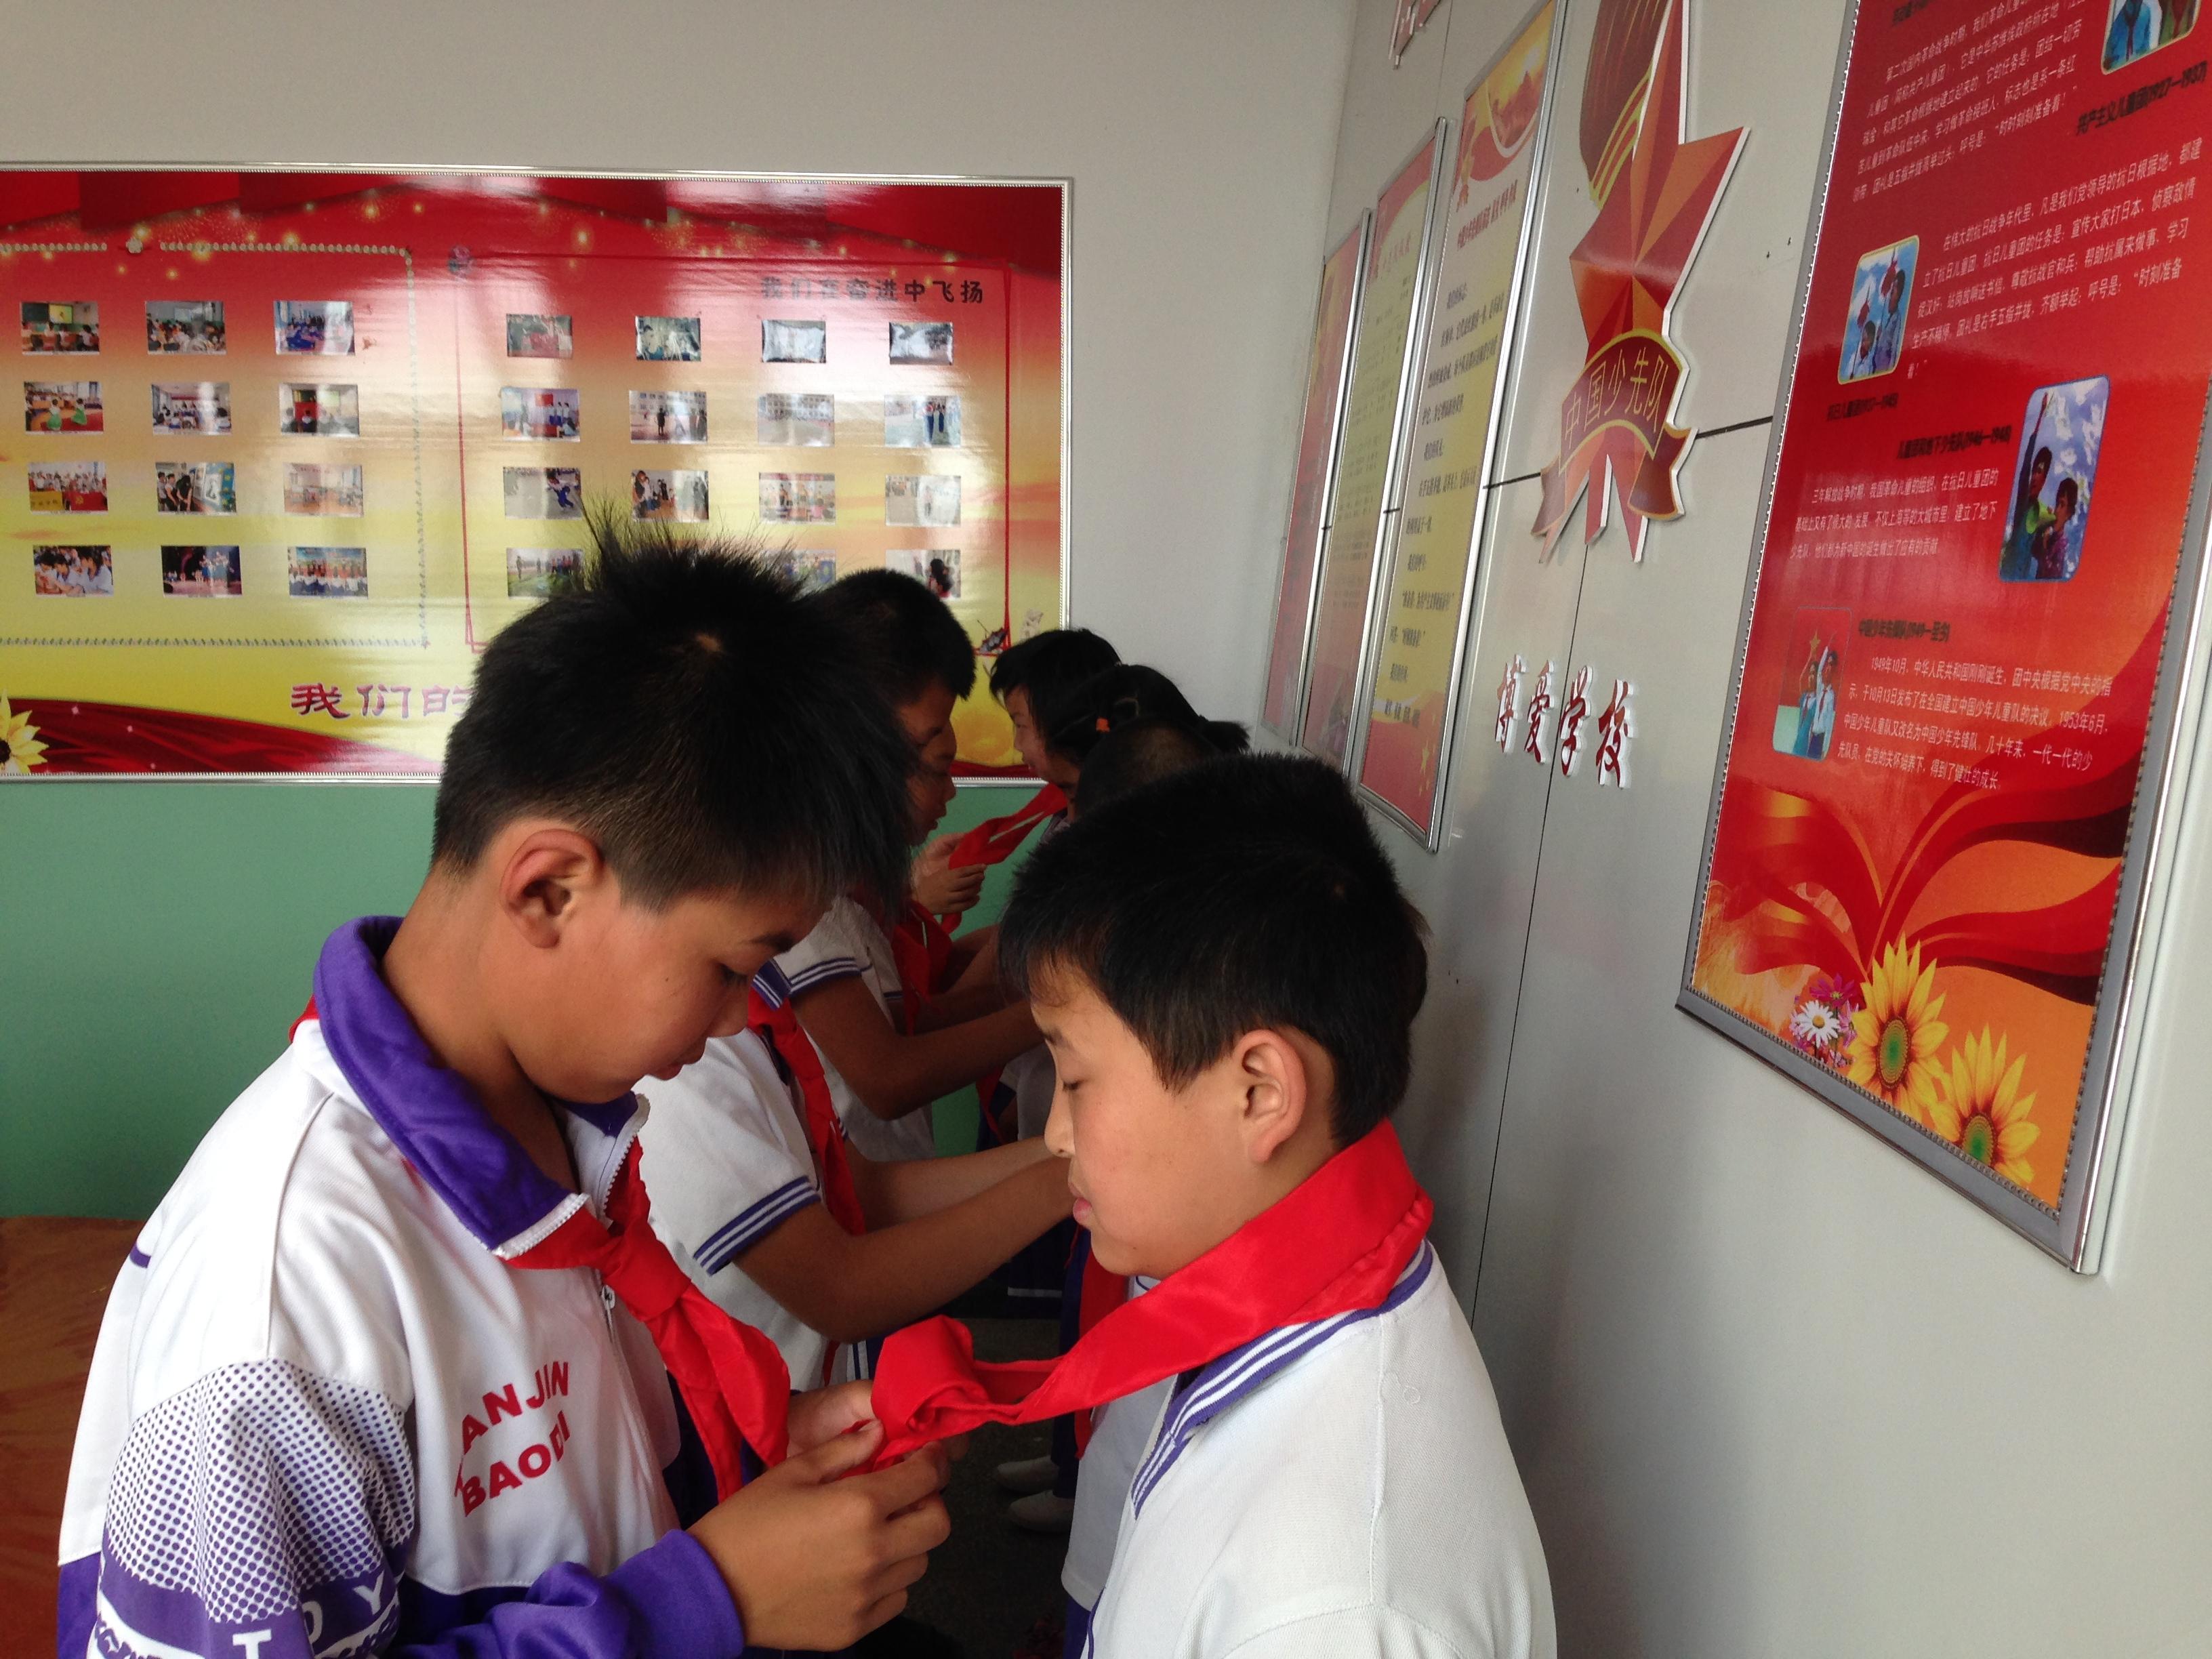 佩戴红领巾 - 全国青少年生态文明教育体验活动